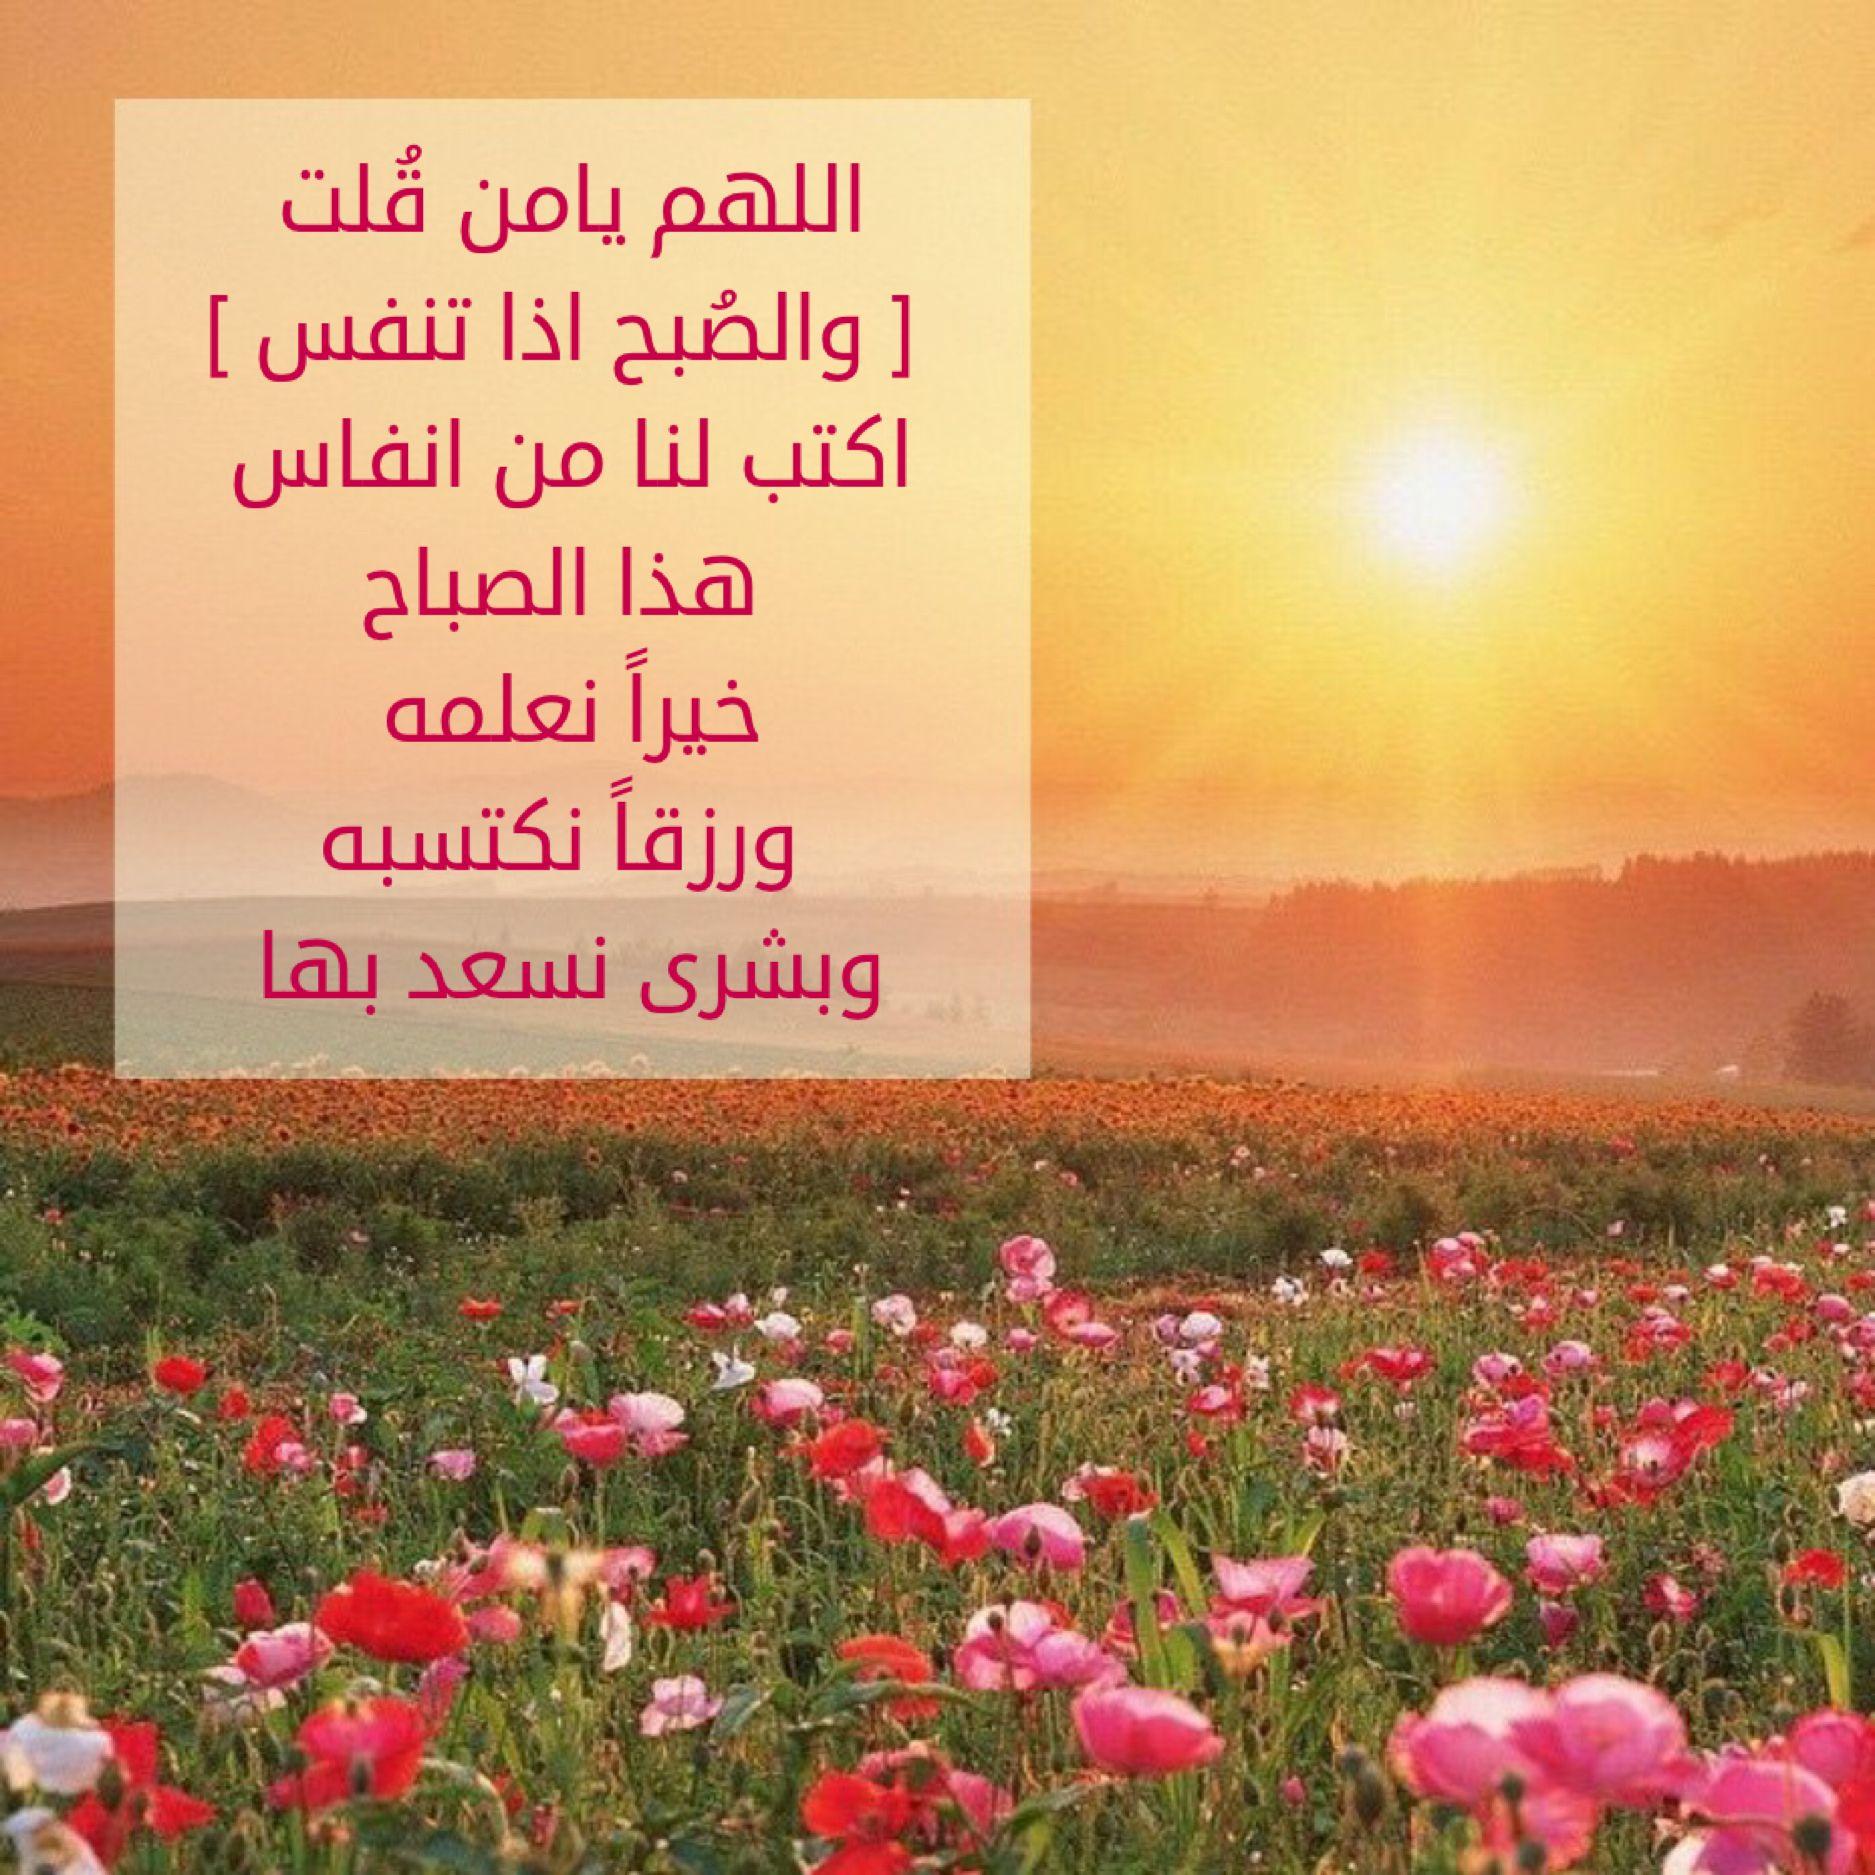 رسائل صباحية دينية اجمل صباح معطر برسالة ذكر الله صور بنات